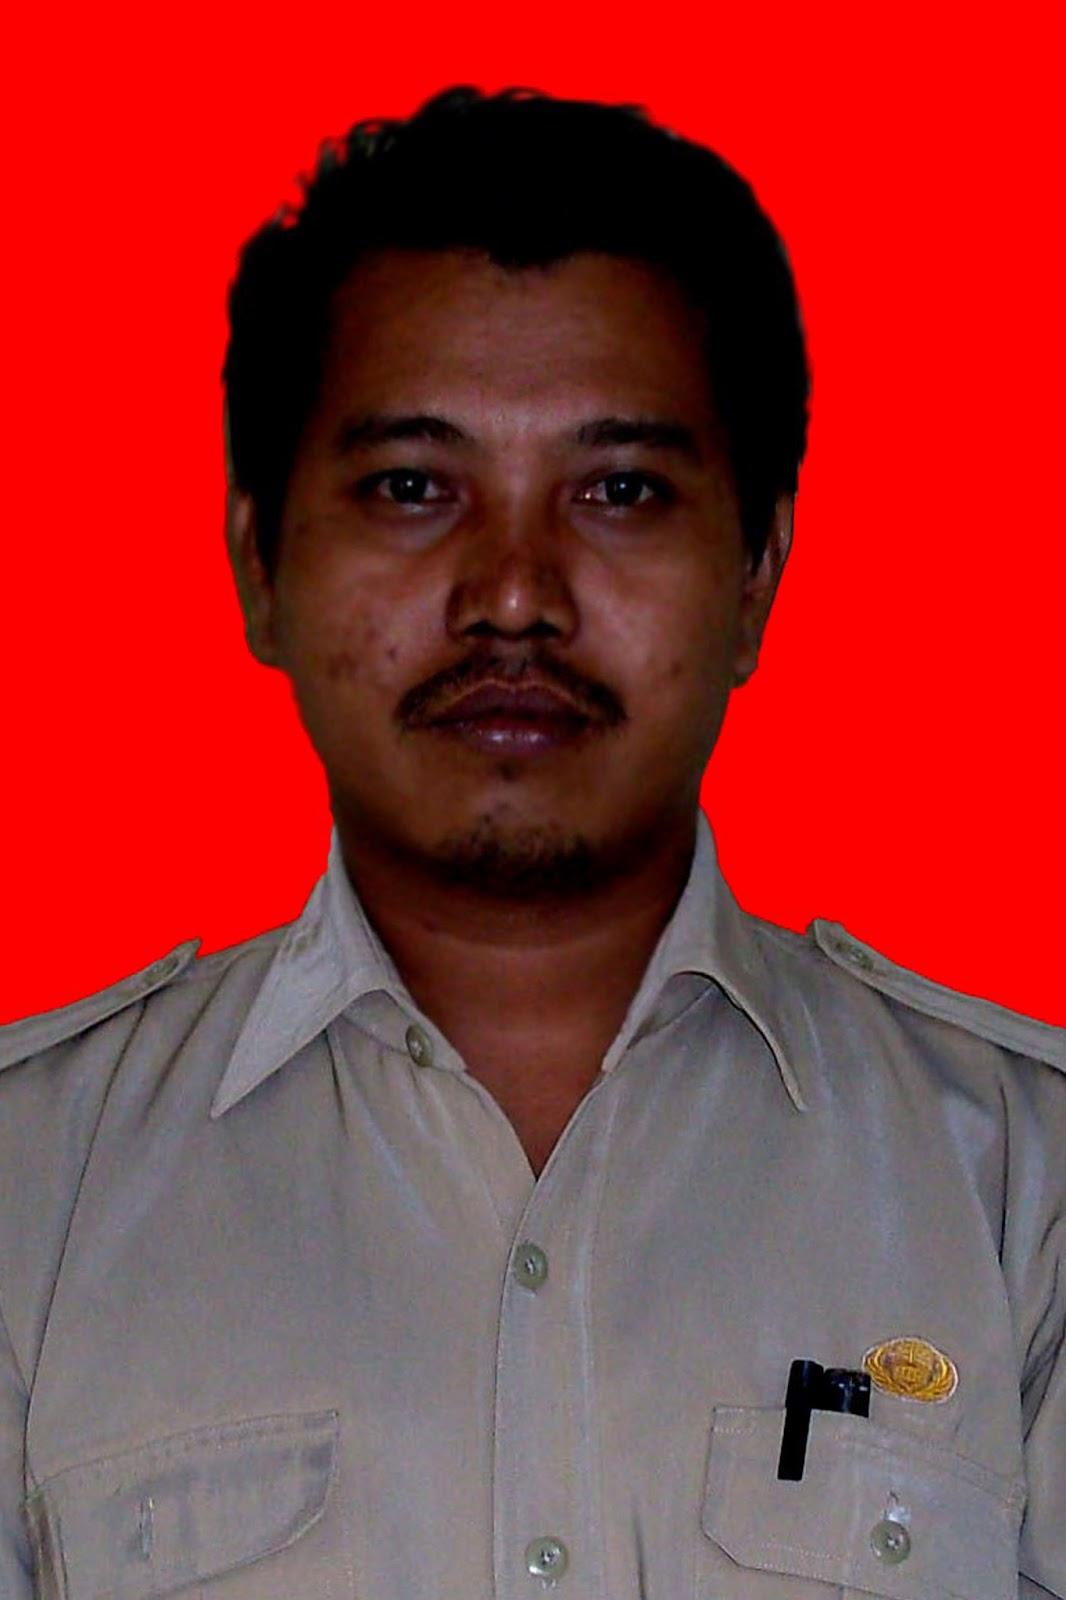 Sekolah Musik Di Pringsewu Lampung Universitas Lampung Wikipedia Bahasa Indonesia Smp Negeri 4 Pringsewu Lampung Kepala Sekolah Guru Dan Staf